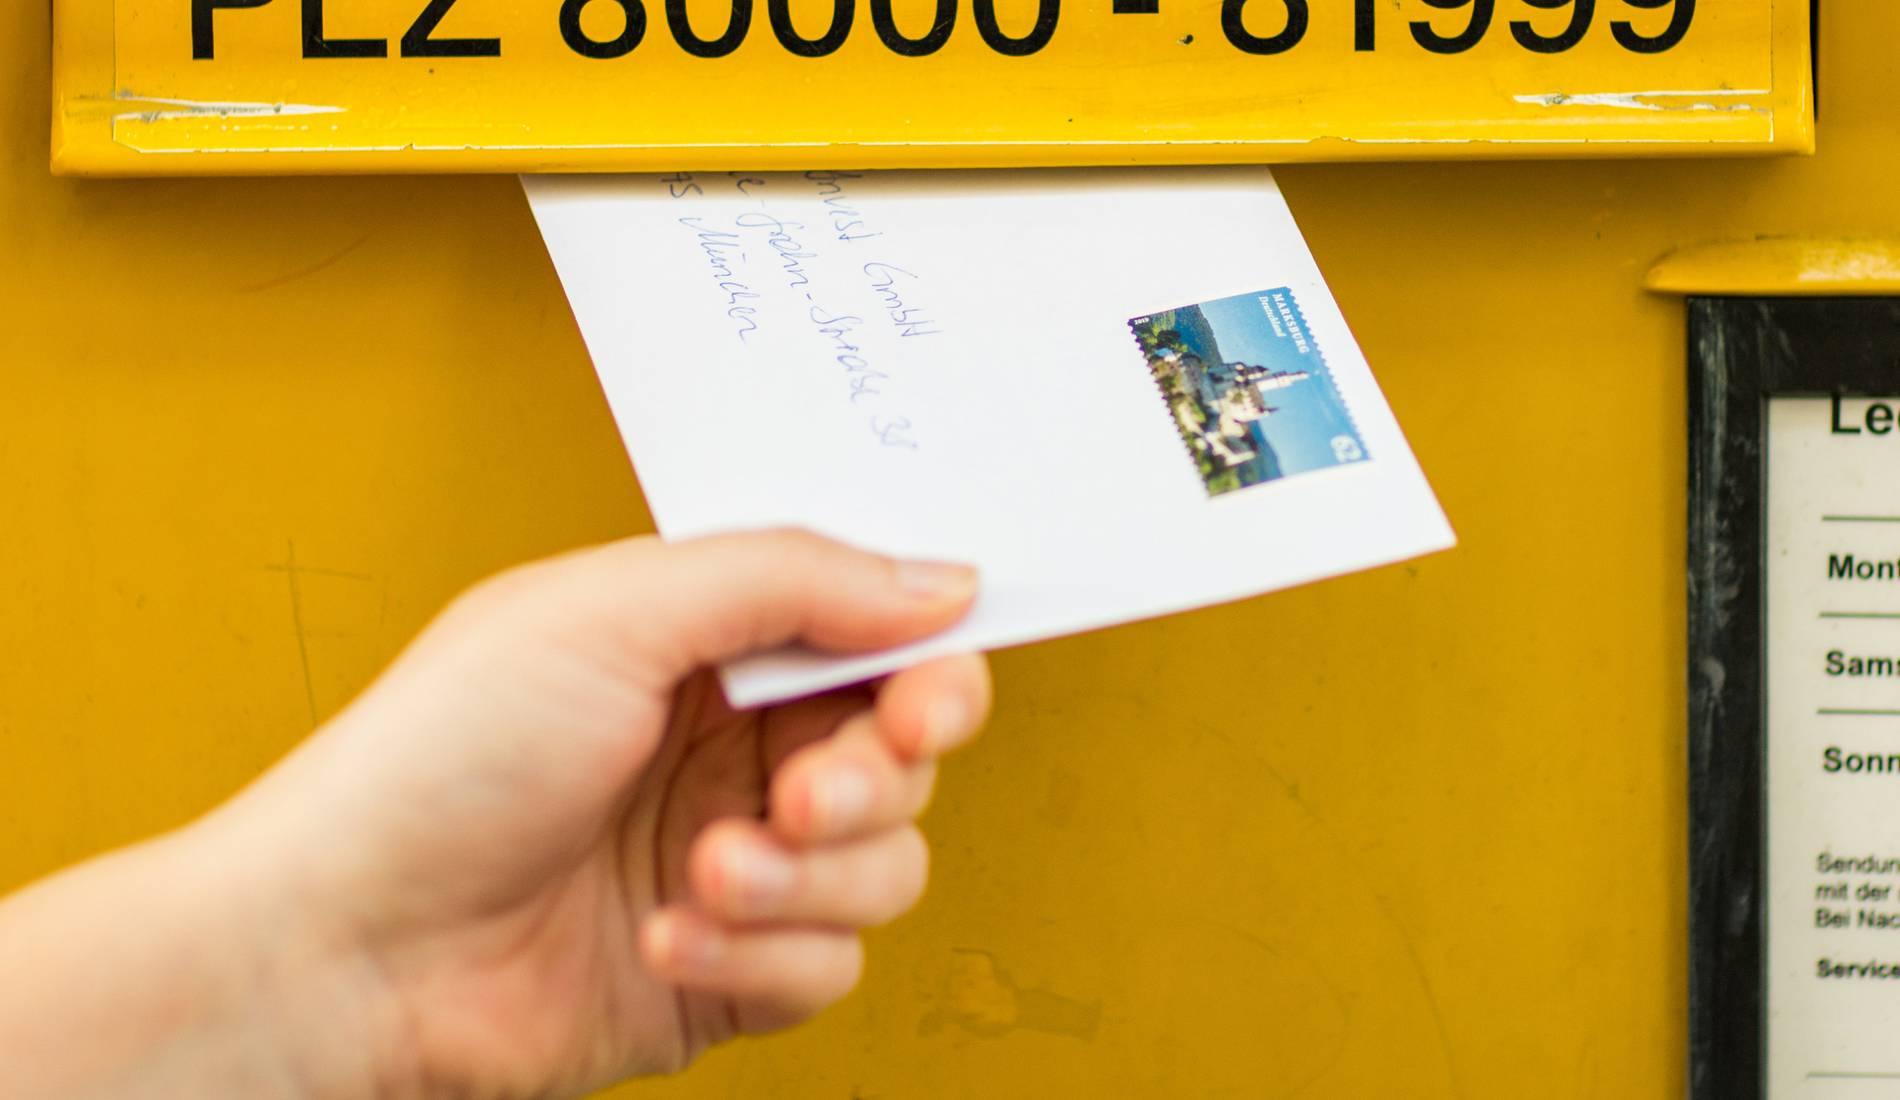 Briefporto Die Deutsche Post Will Ab April 2019 Die Preise Erhöhen